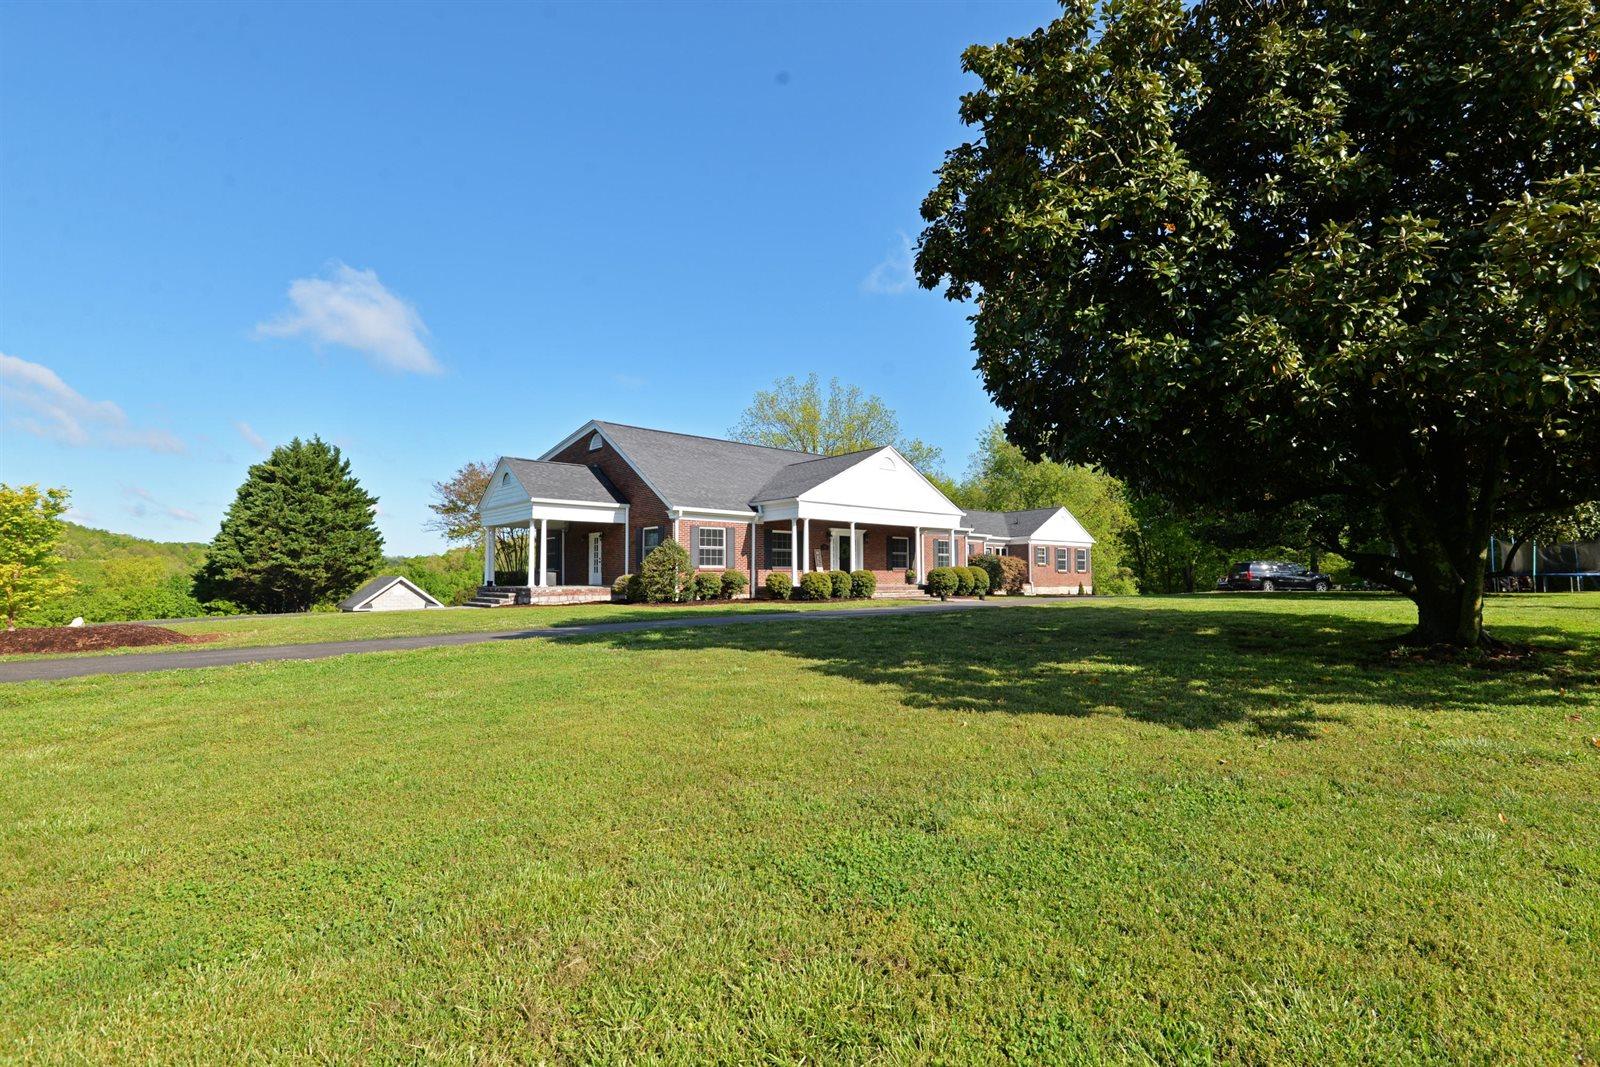 254 Old County Rd, Ringgold, GA 30736